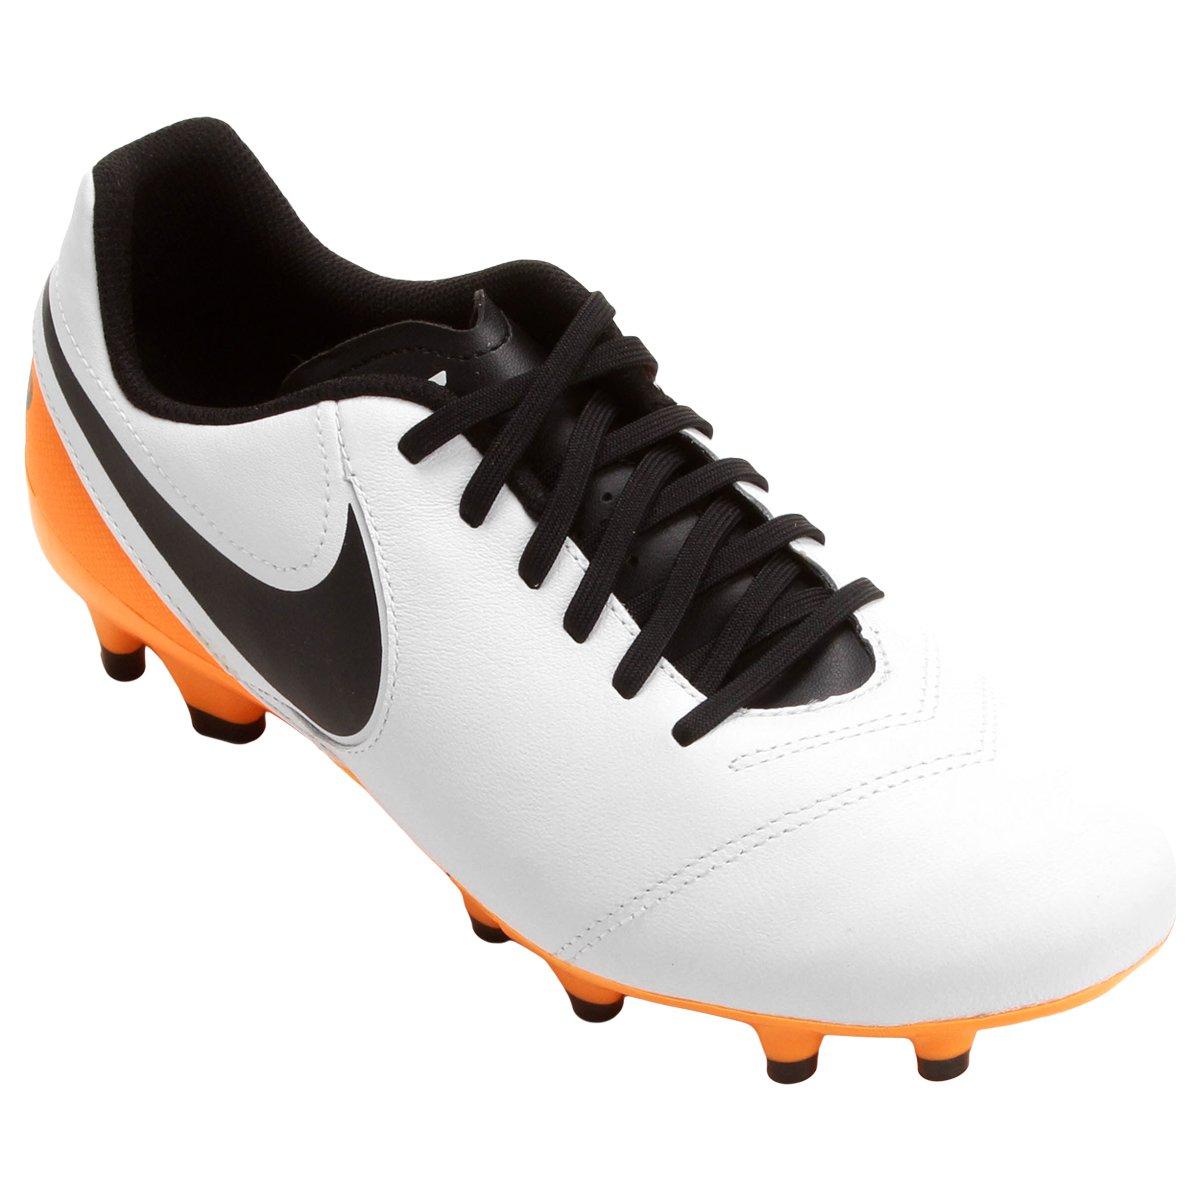 eb3a7bec5a Chuteira Campo Nike Tiempo Genio 2 Leather FG - Compre Agora